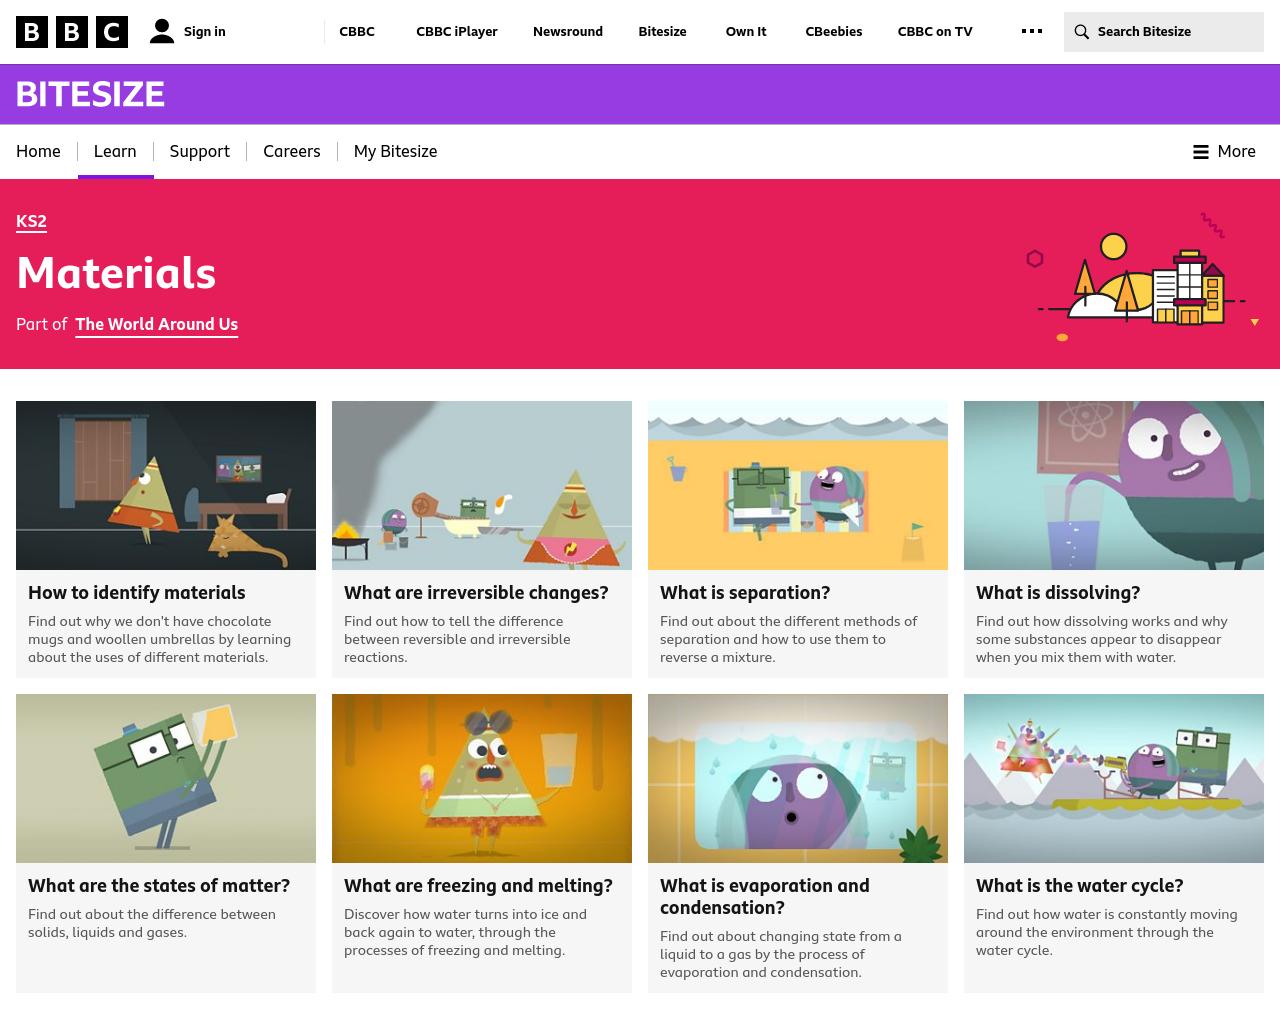 BBC - Materials